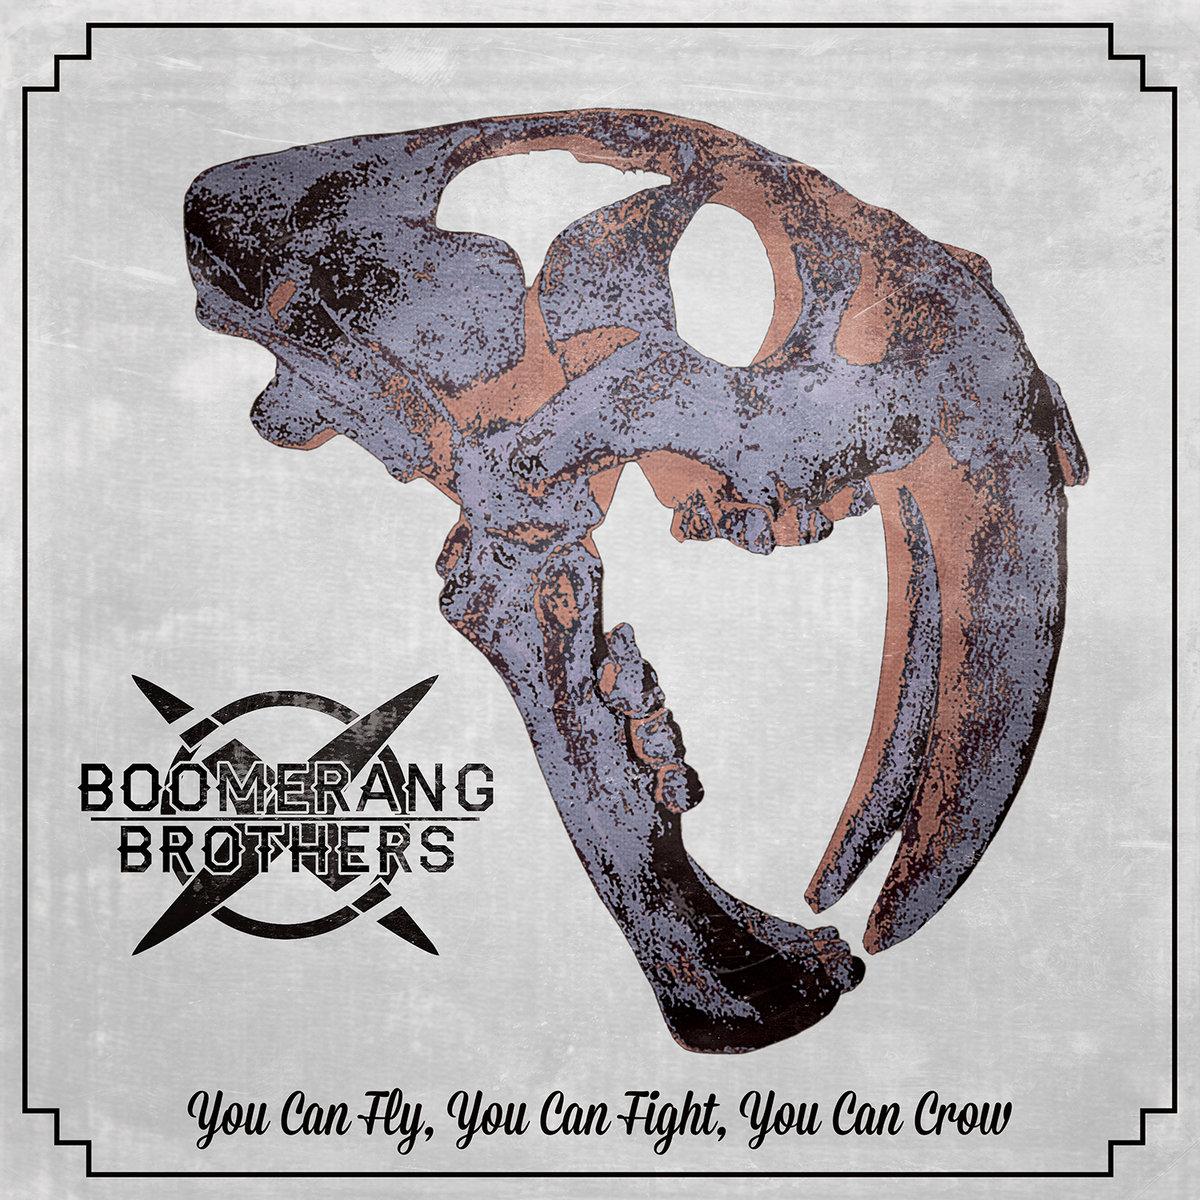 Boomerang Brothers